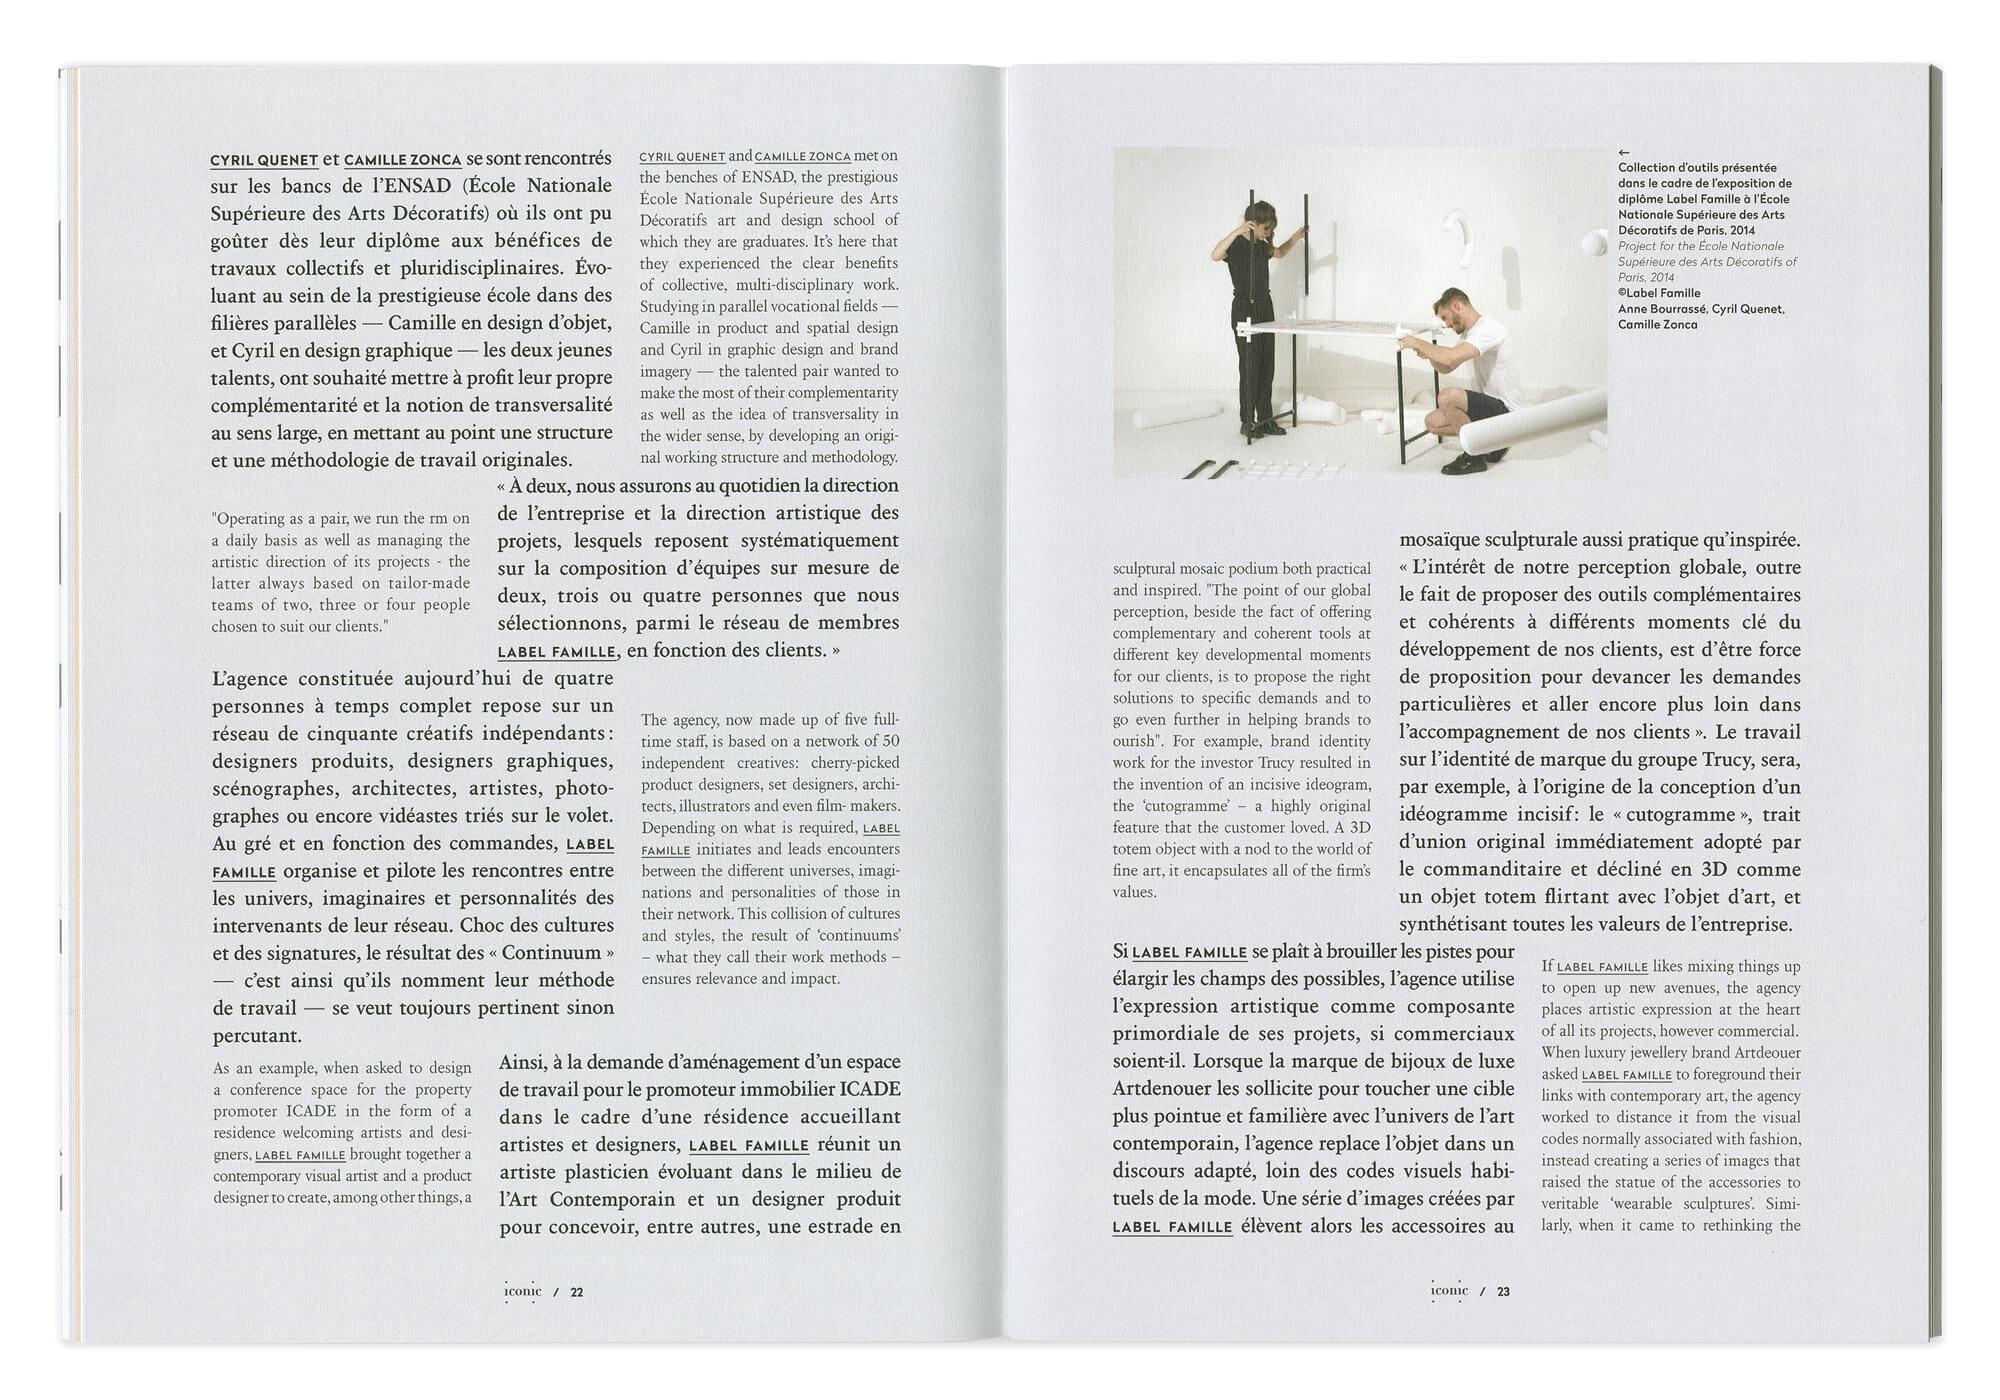 article de magazine mis en page par ichetkar pour la box de label famille